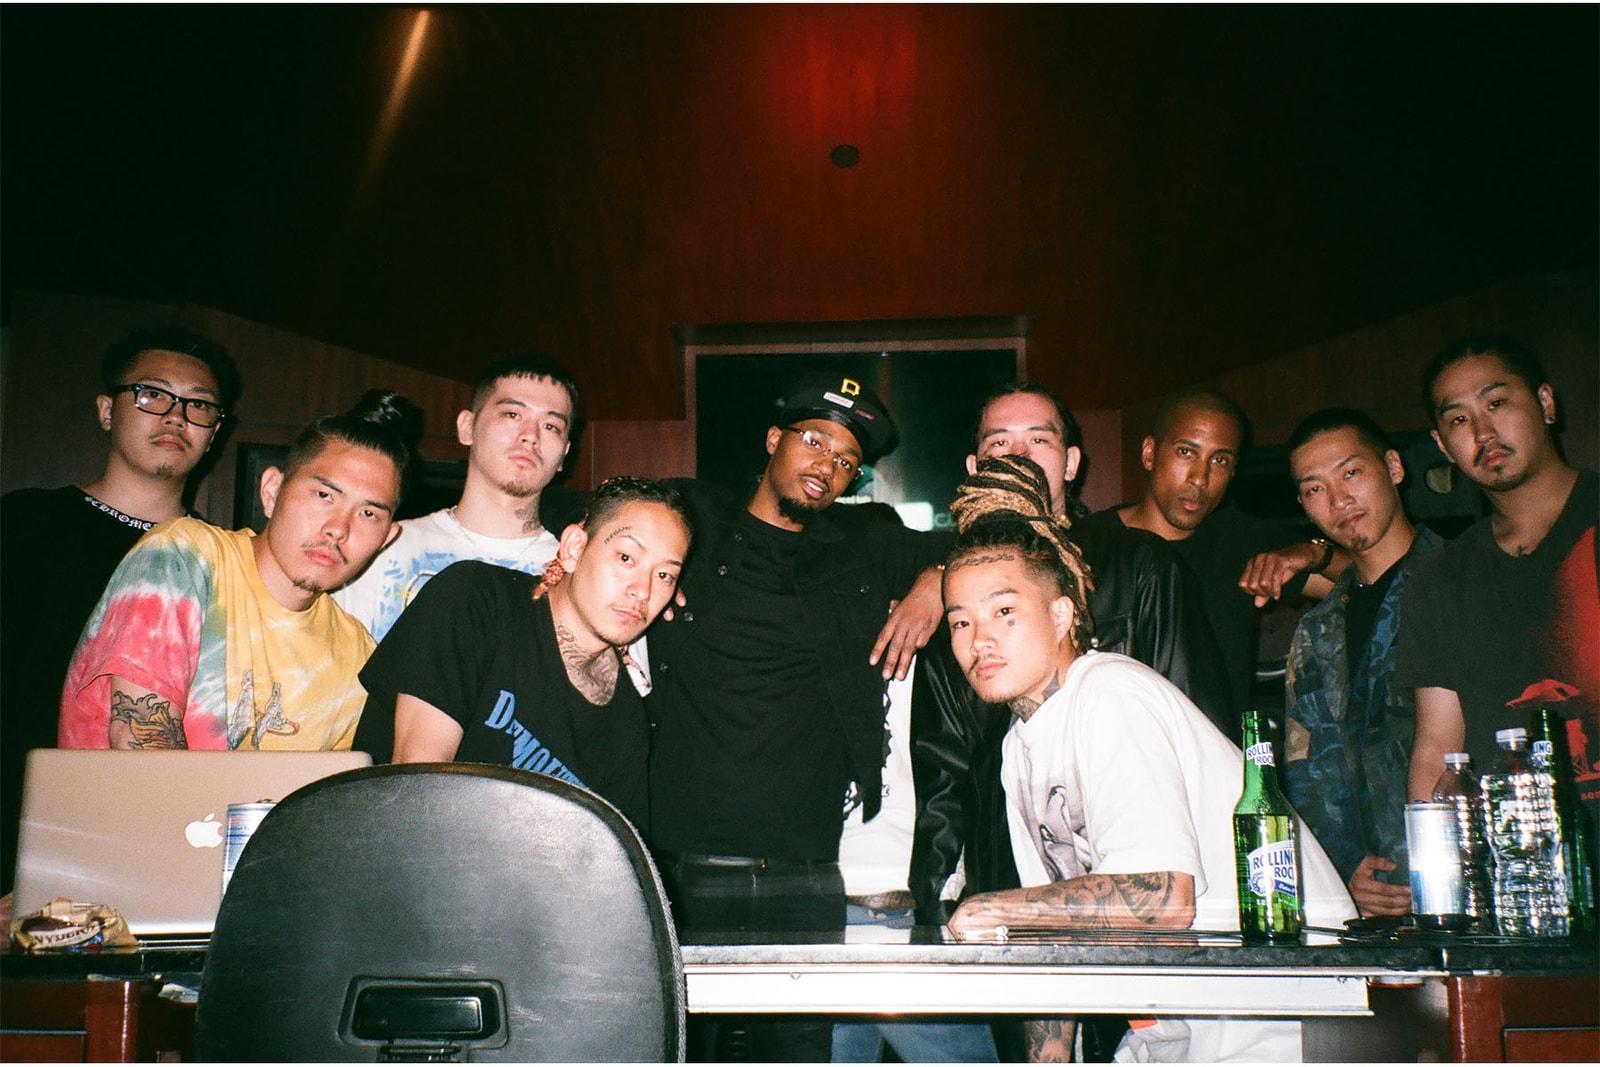 BAD HOP Mike Will Made-It Murda Beatz Metro Boomin バッドホップが豪華USプロデューサー陣を招いた新作 Lift Offを発表